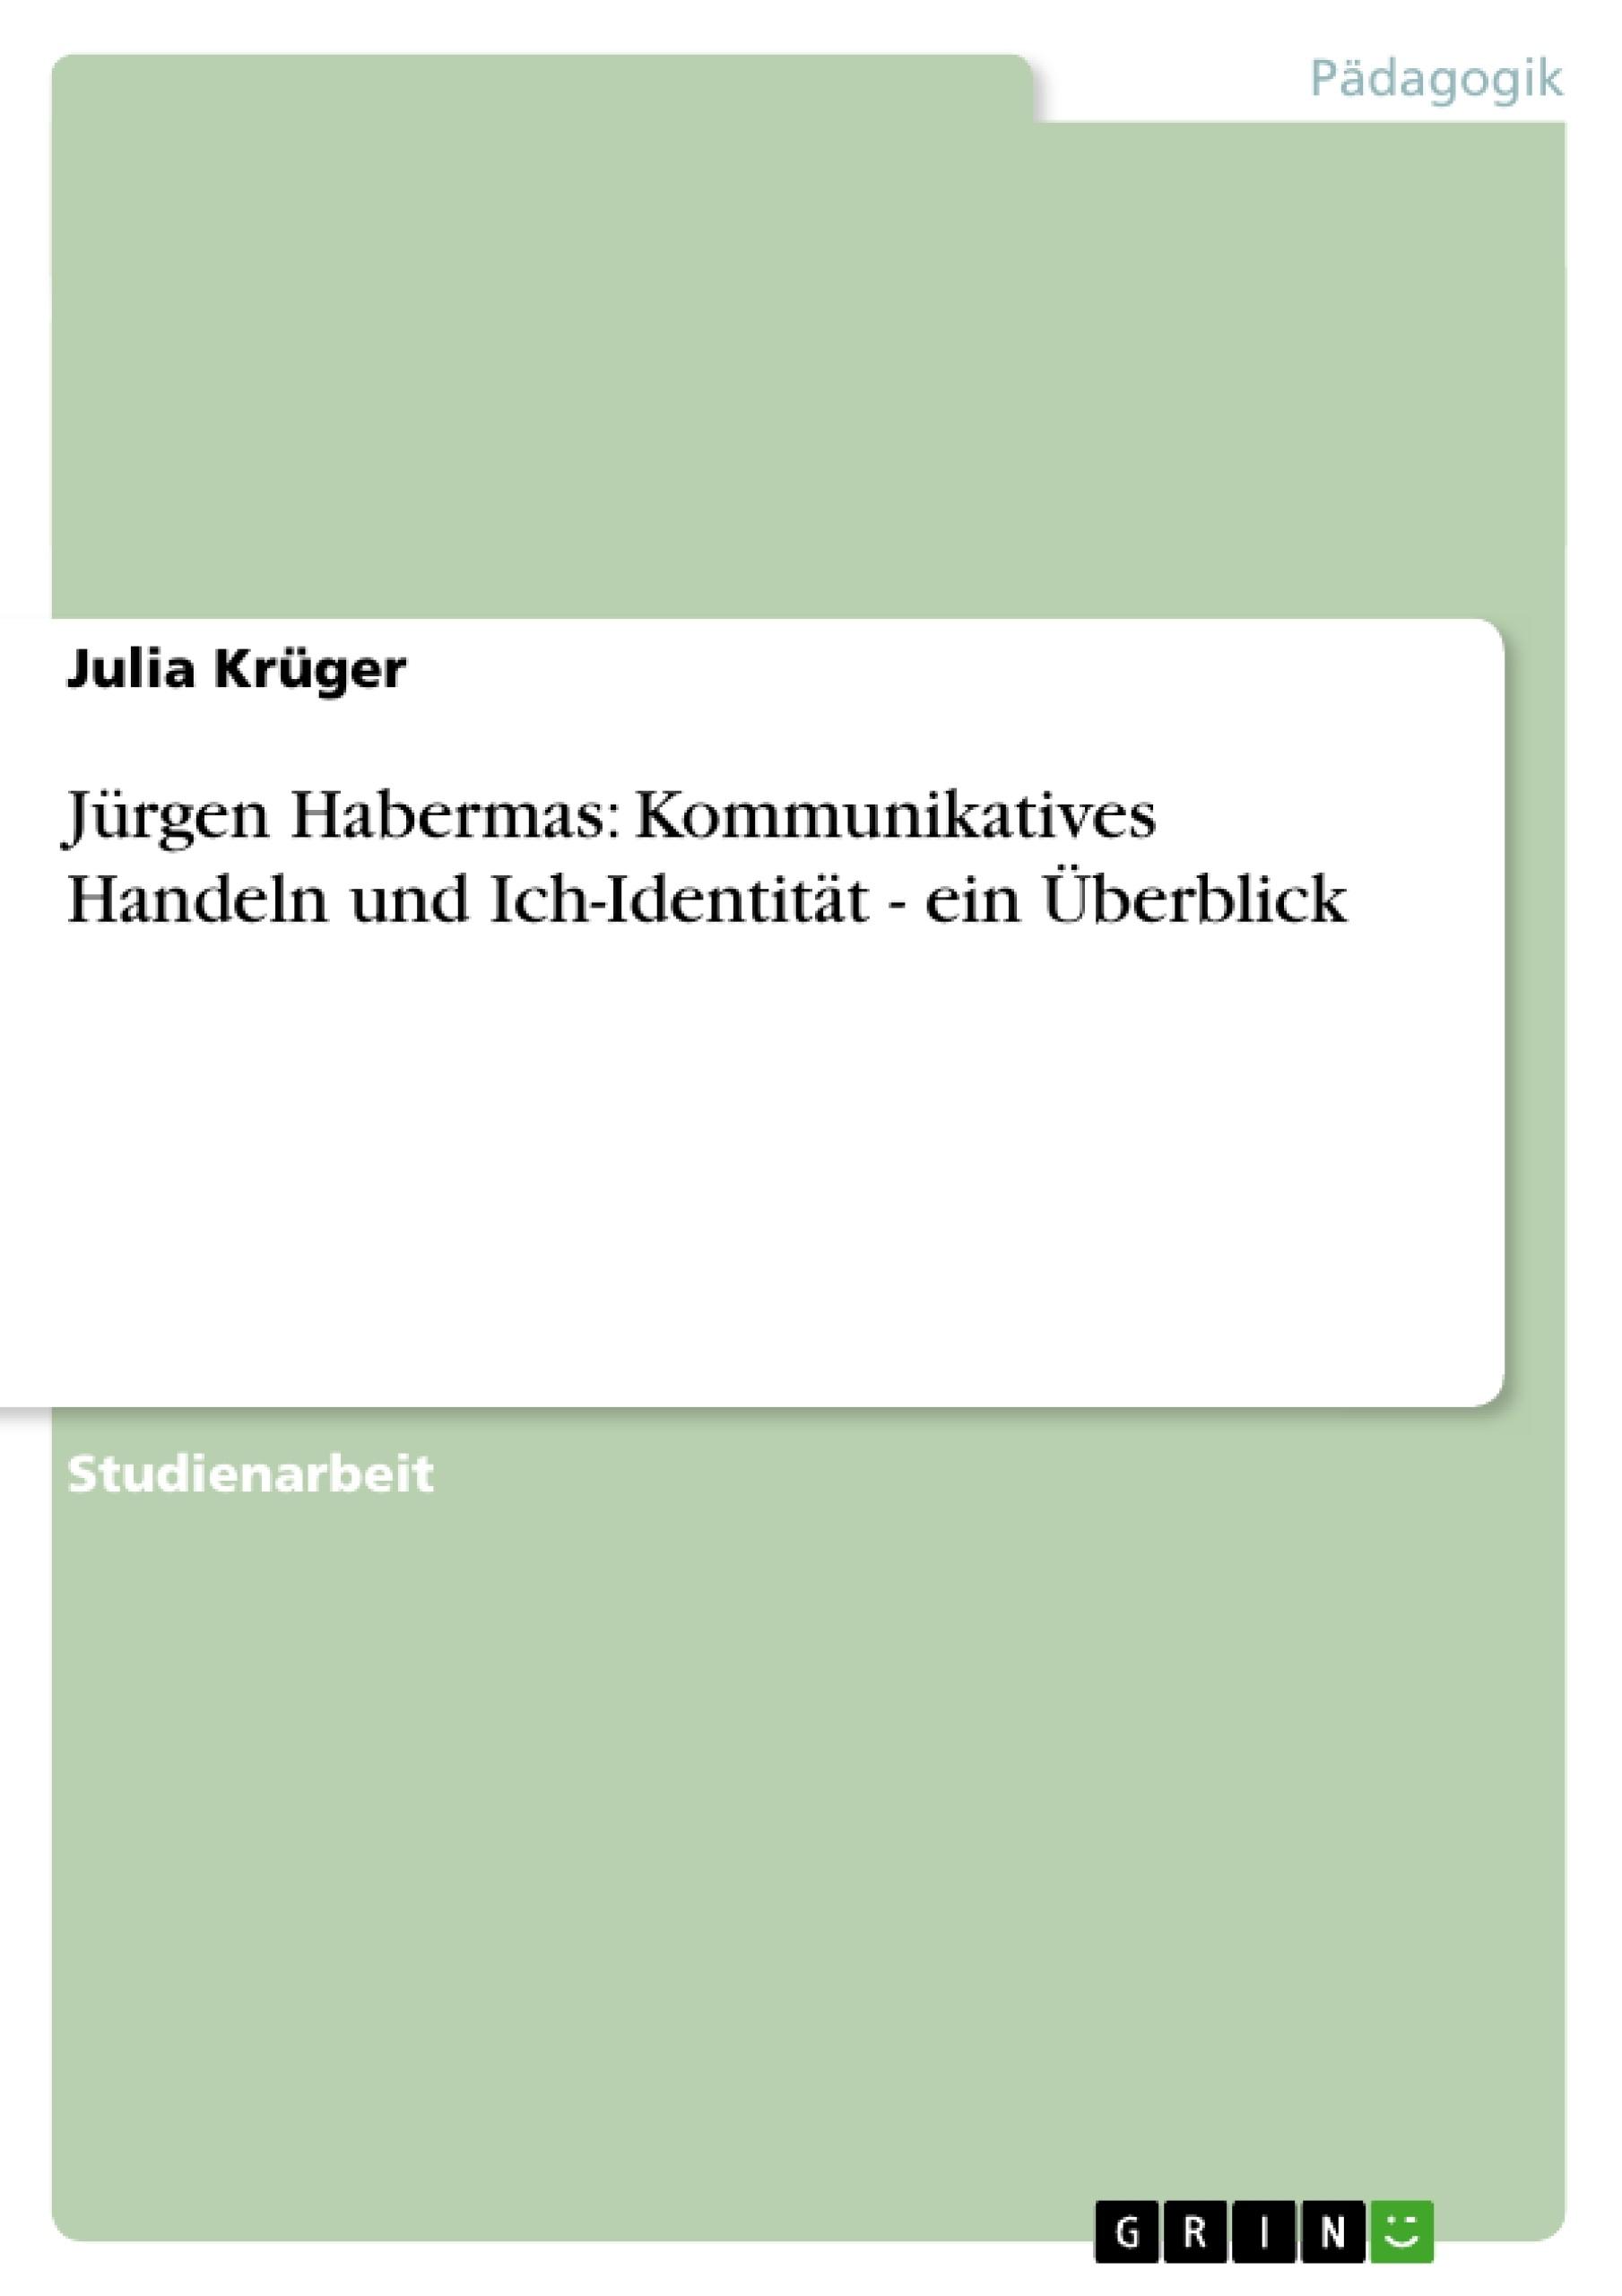 Titel: Jürgen Habermas: Kommunikatives Handeln und Ich-Identität - ein Überblick